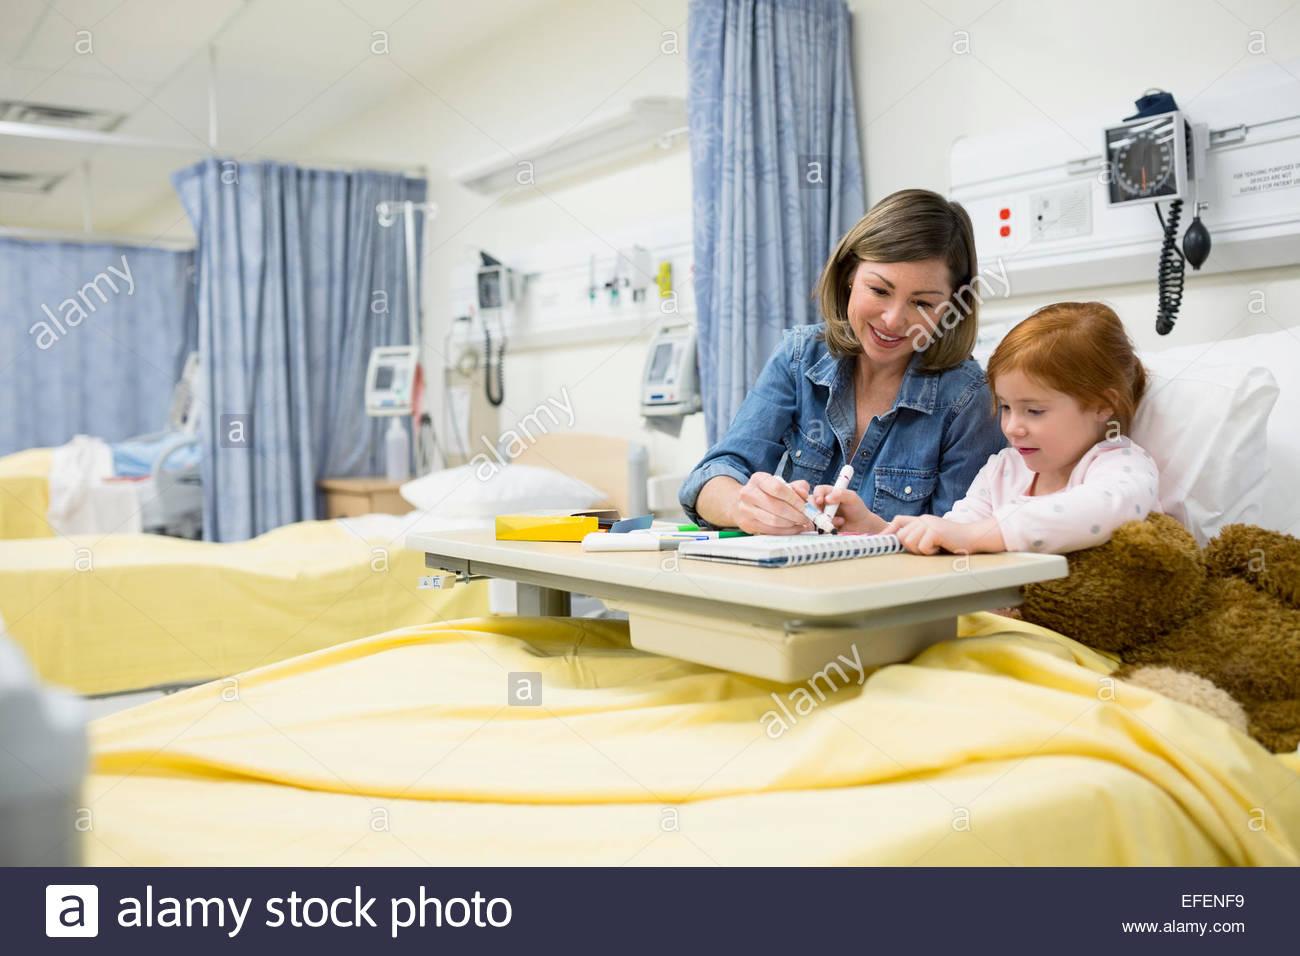 Mutter und Tochter im Krankenzimmer Färbung Stockbild